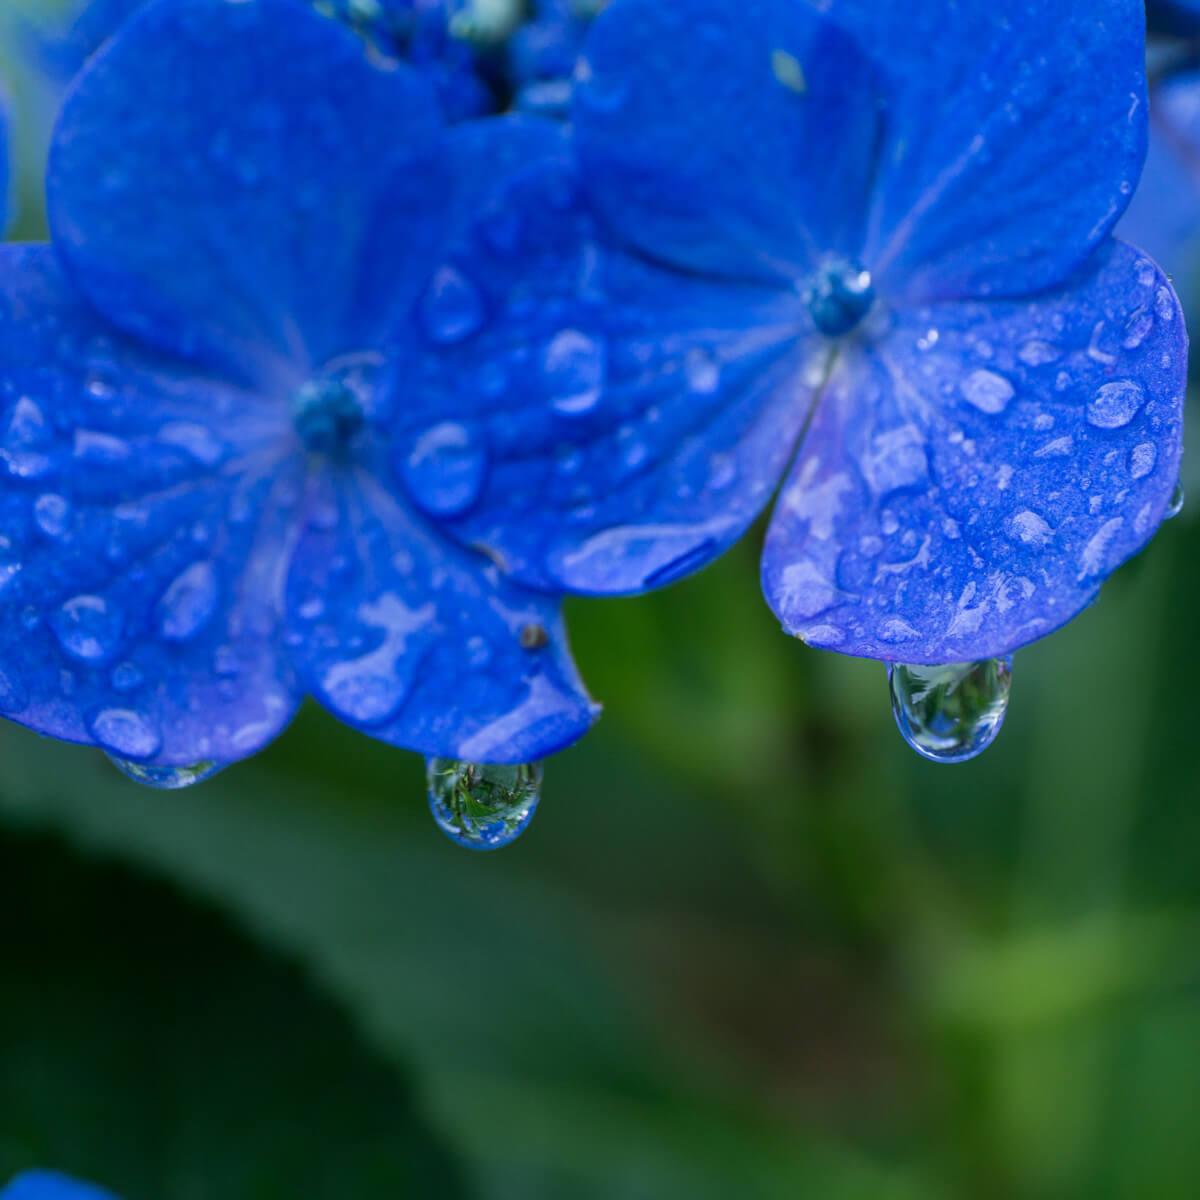 屋久島の紫陽花、雨のしずく 屋久島日々の暮らしとジュエリー オーダーメイドマリッジリングのモチーフ